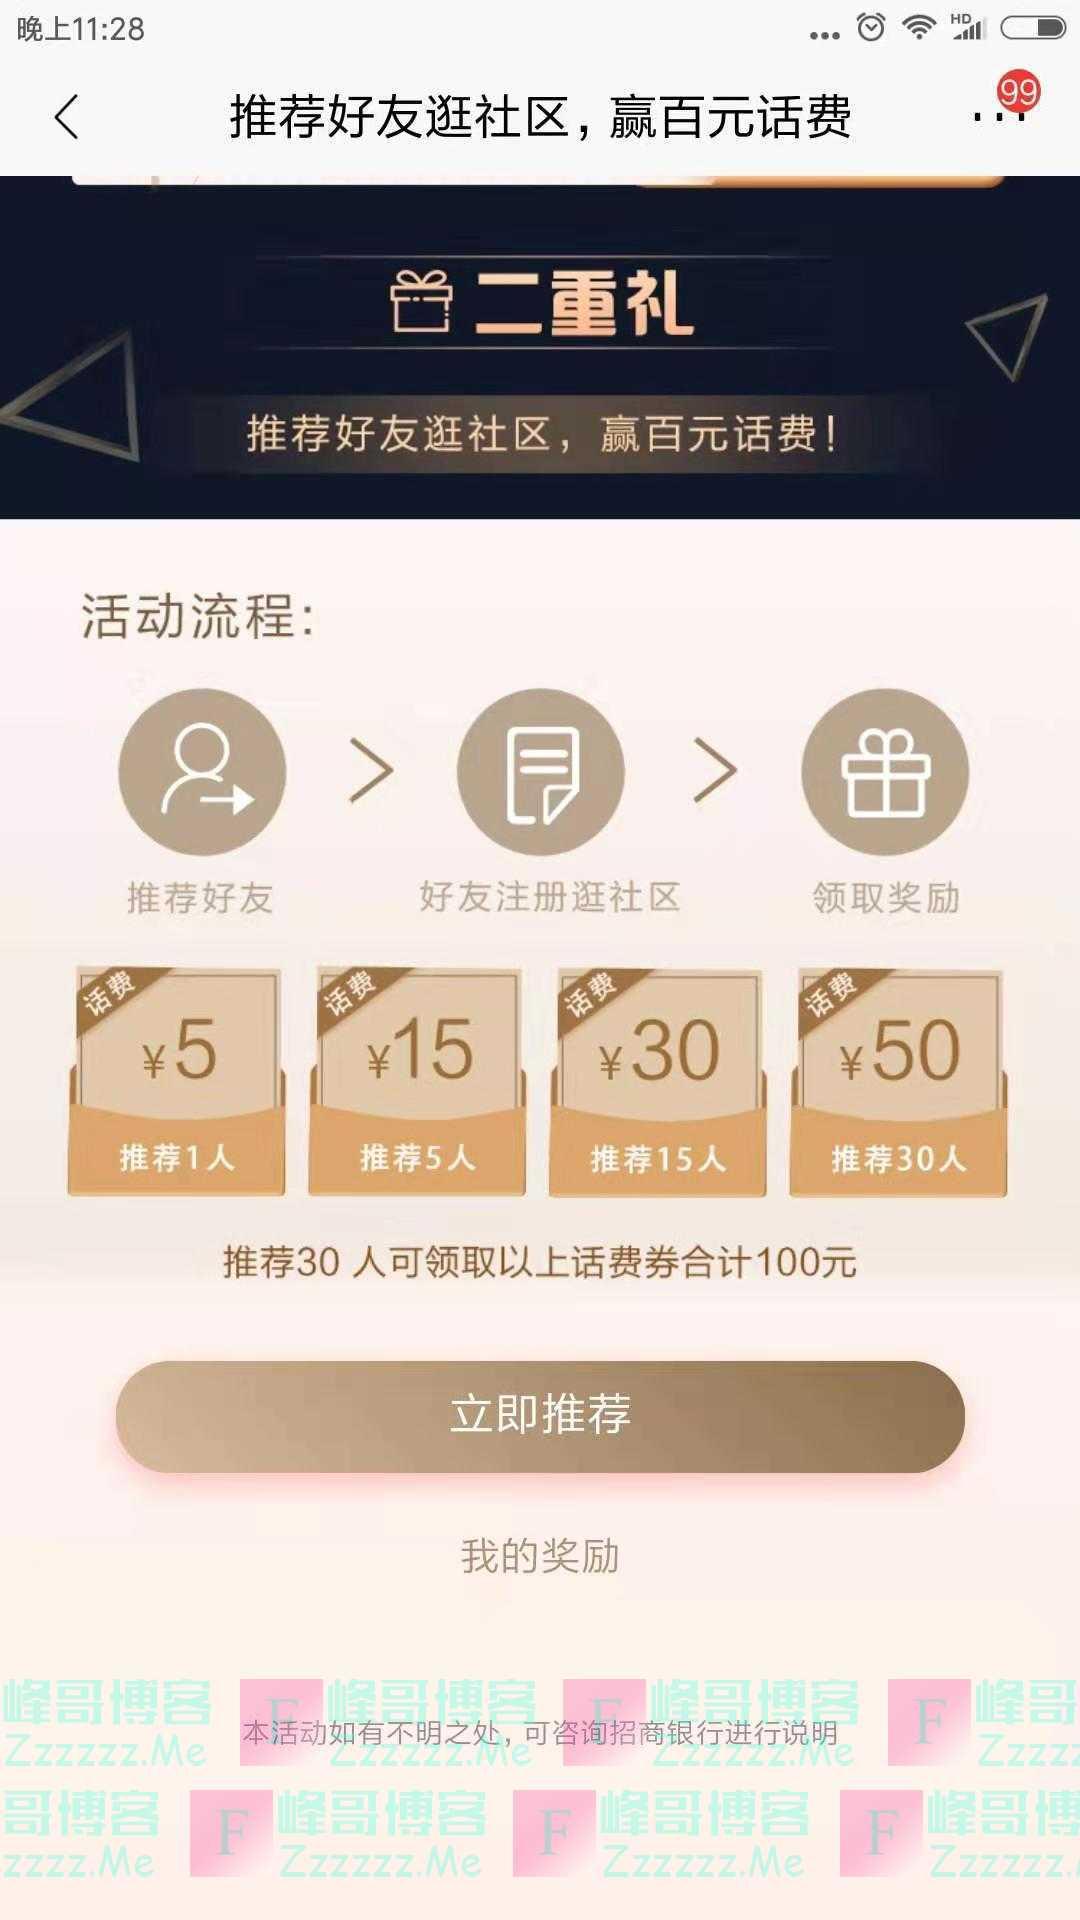 招行邀请好友逛社区赢百元话费(截止12月23日)